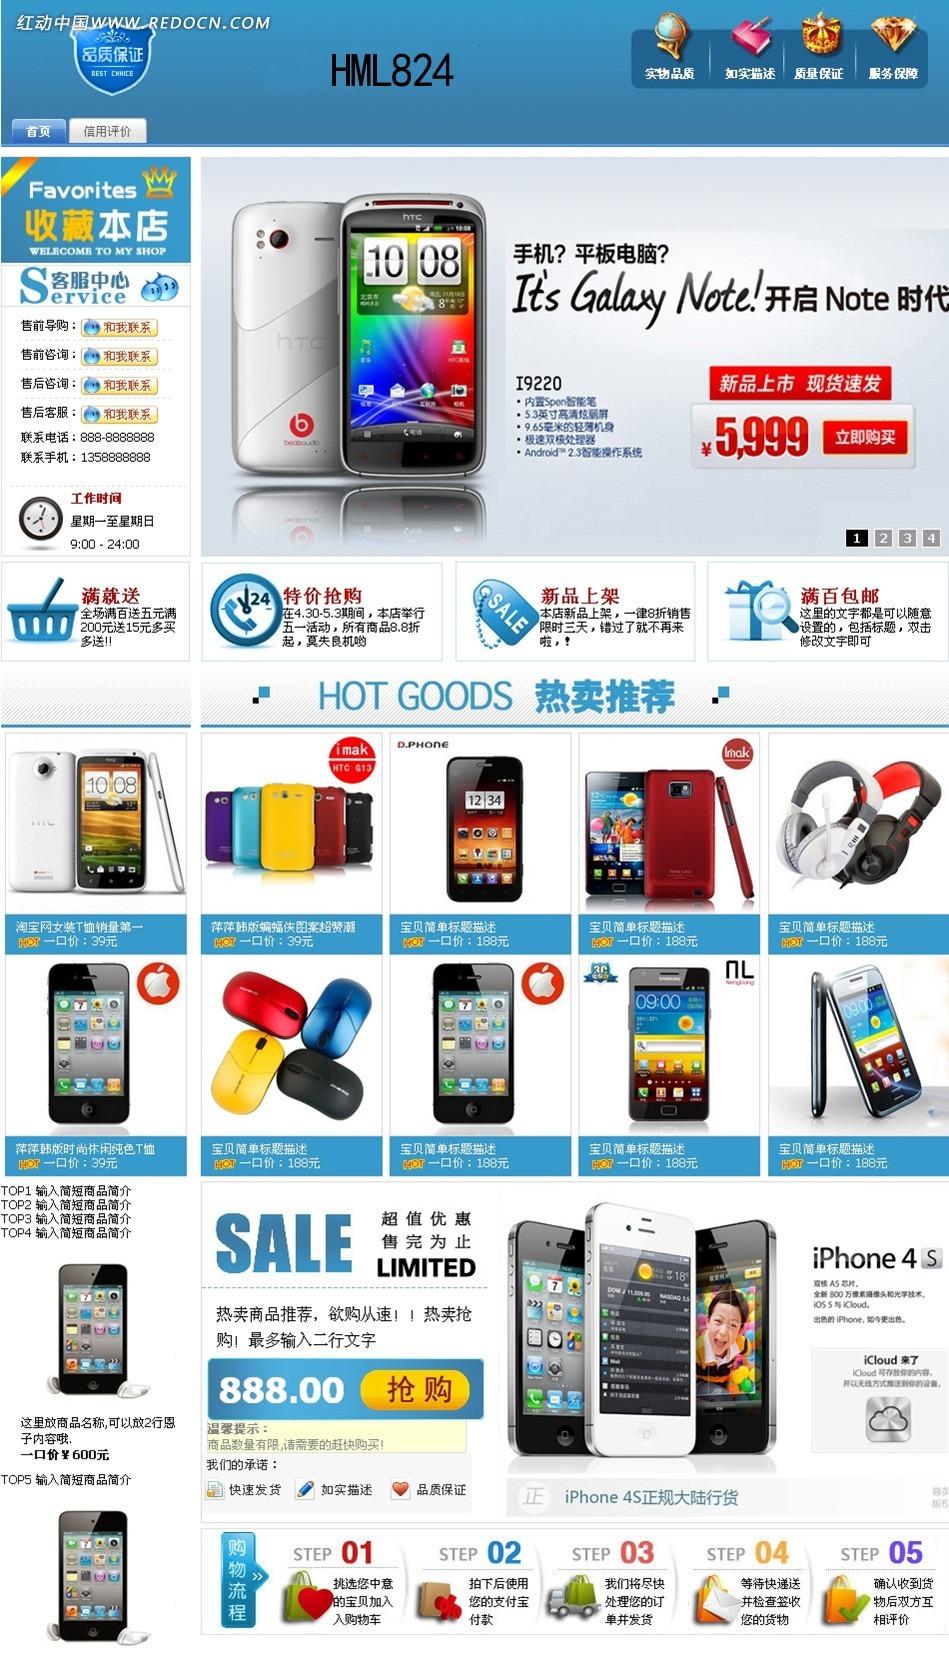 手机店淘宝网页模板源码素材免费下载_红动网